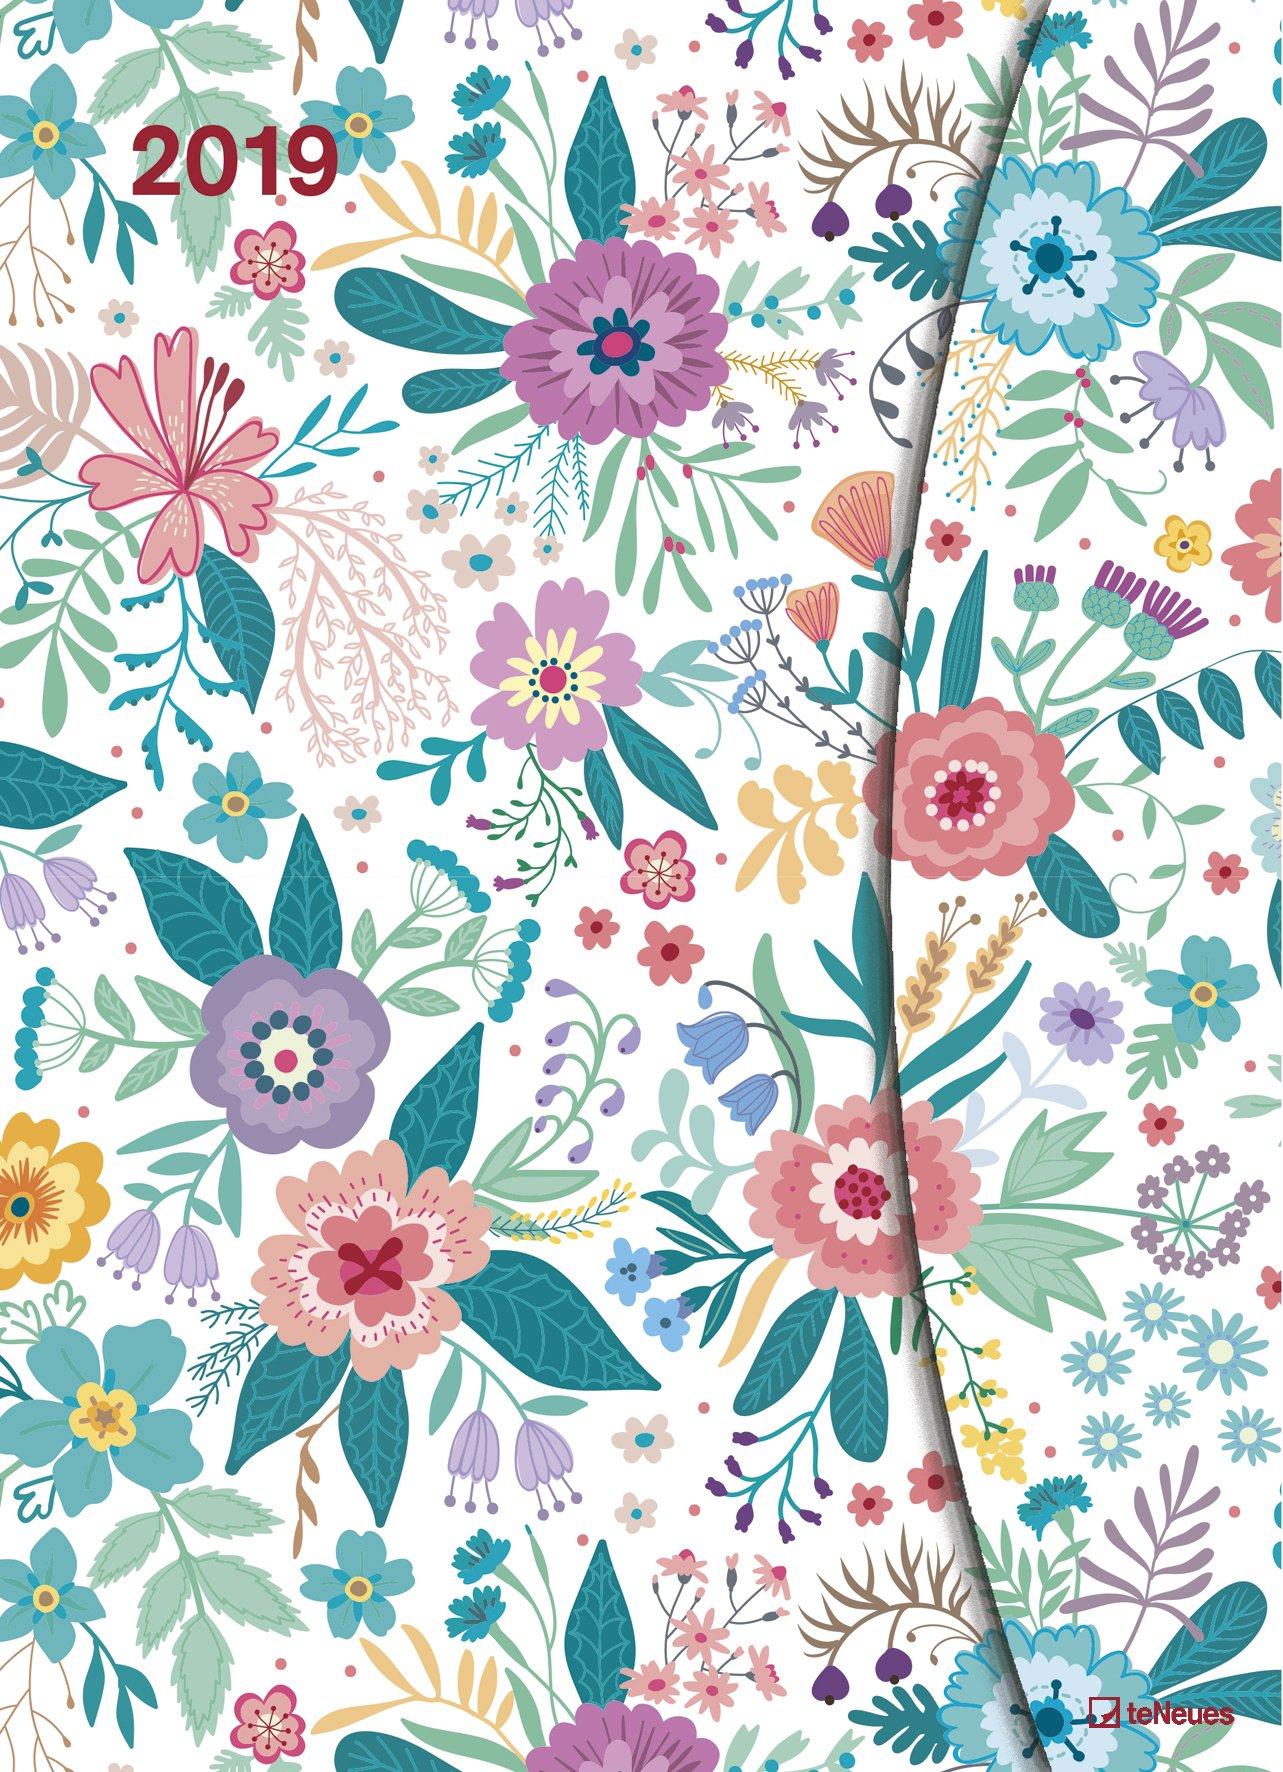 Flowers 2019 - Taschenkalender, Magneto Diary Large, Buchkalender, Wochenplaner  -  16 x 22 cm